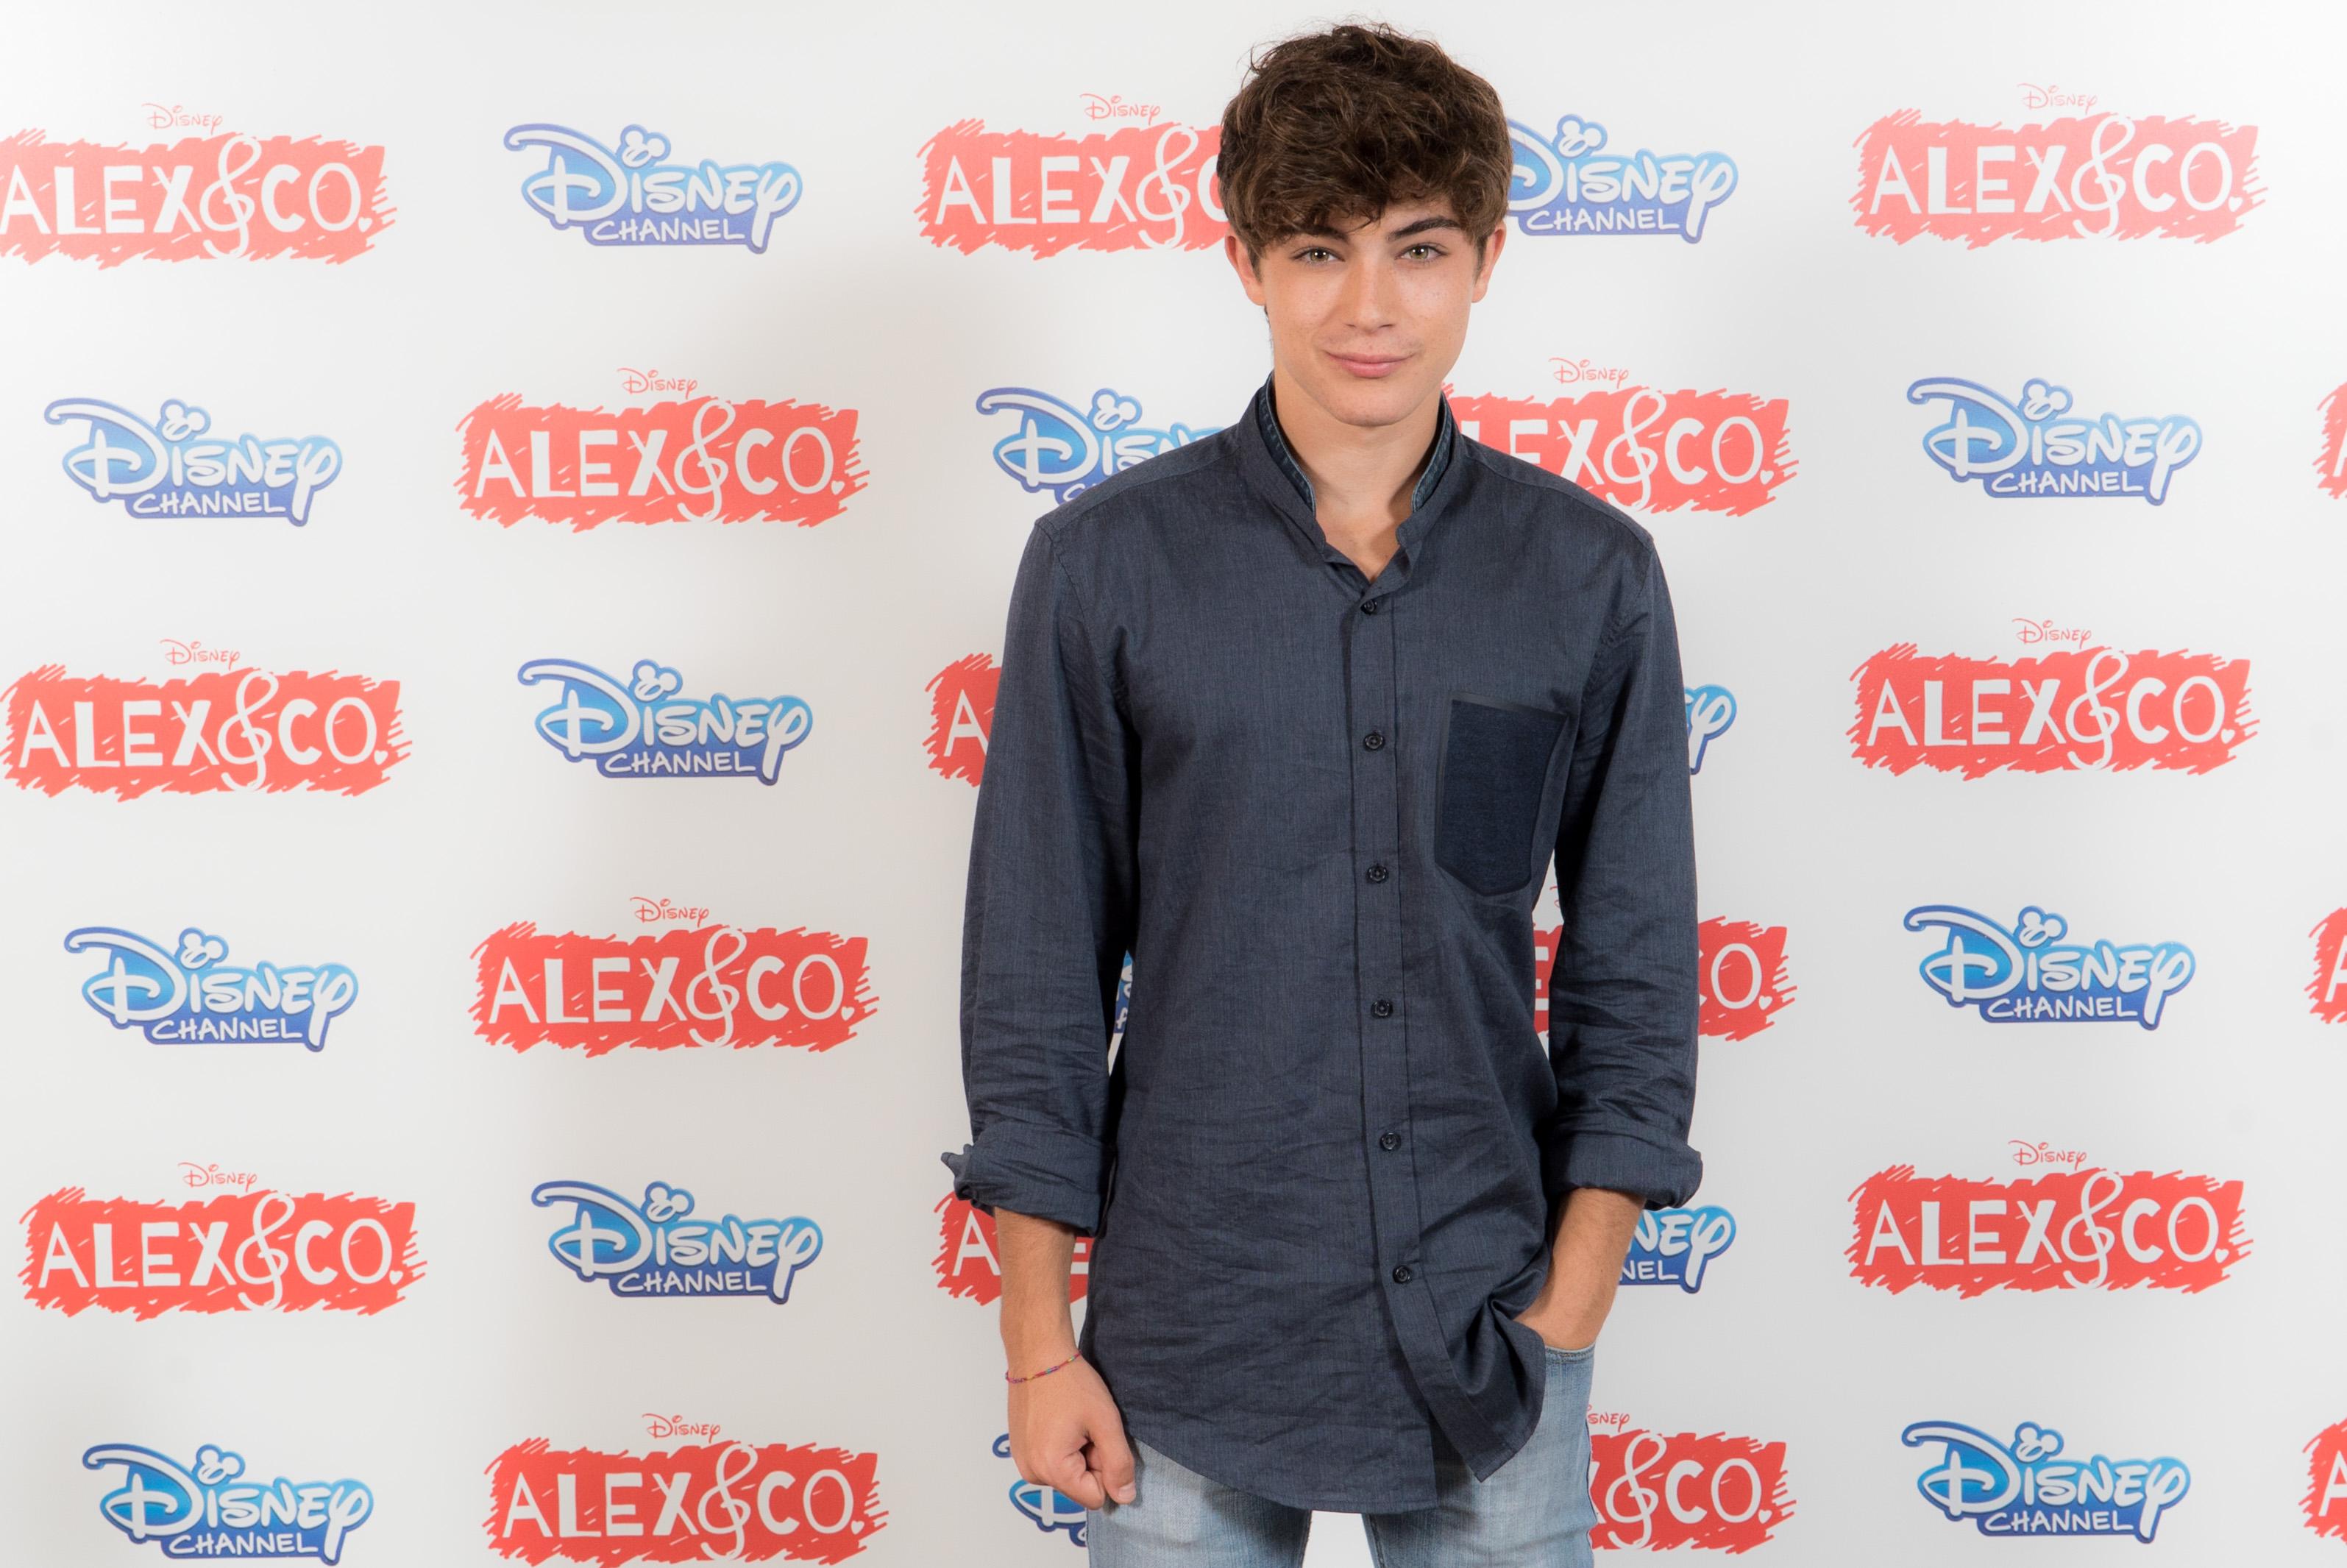 Alex&Co 3, le foto dei protagonisti della nuova serie di Disney Channel